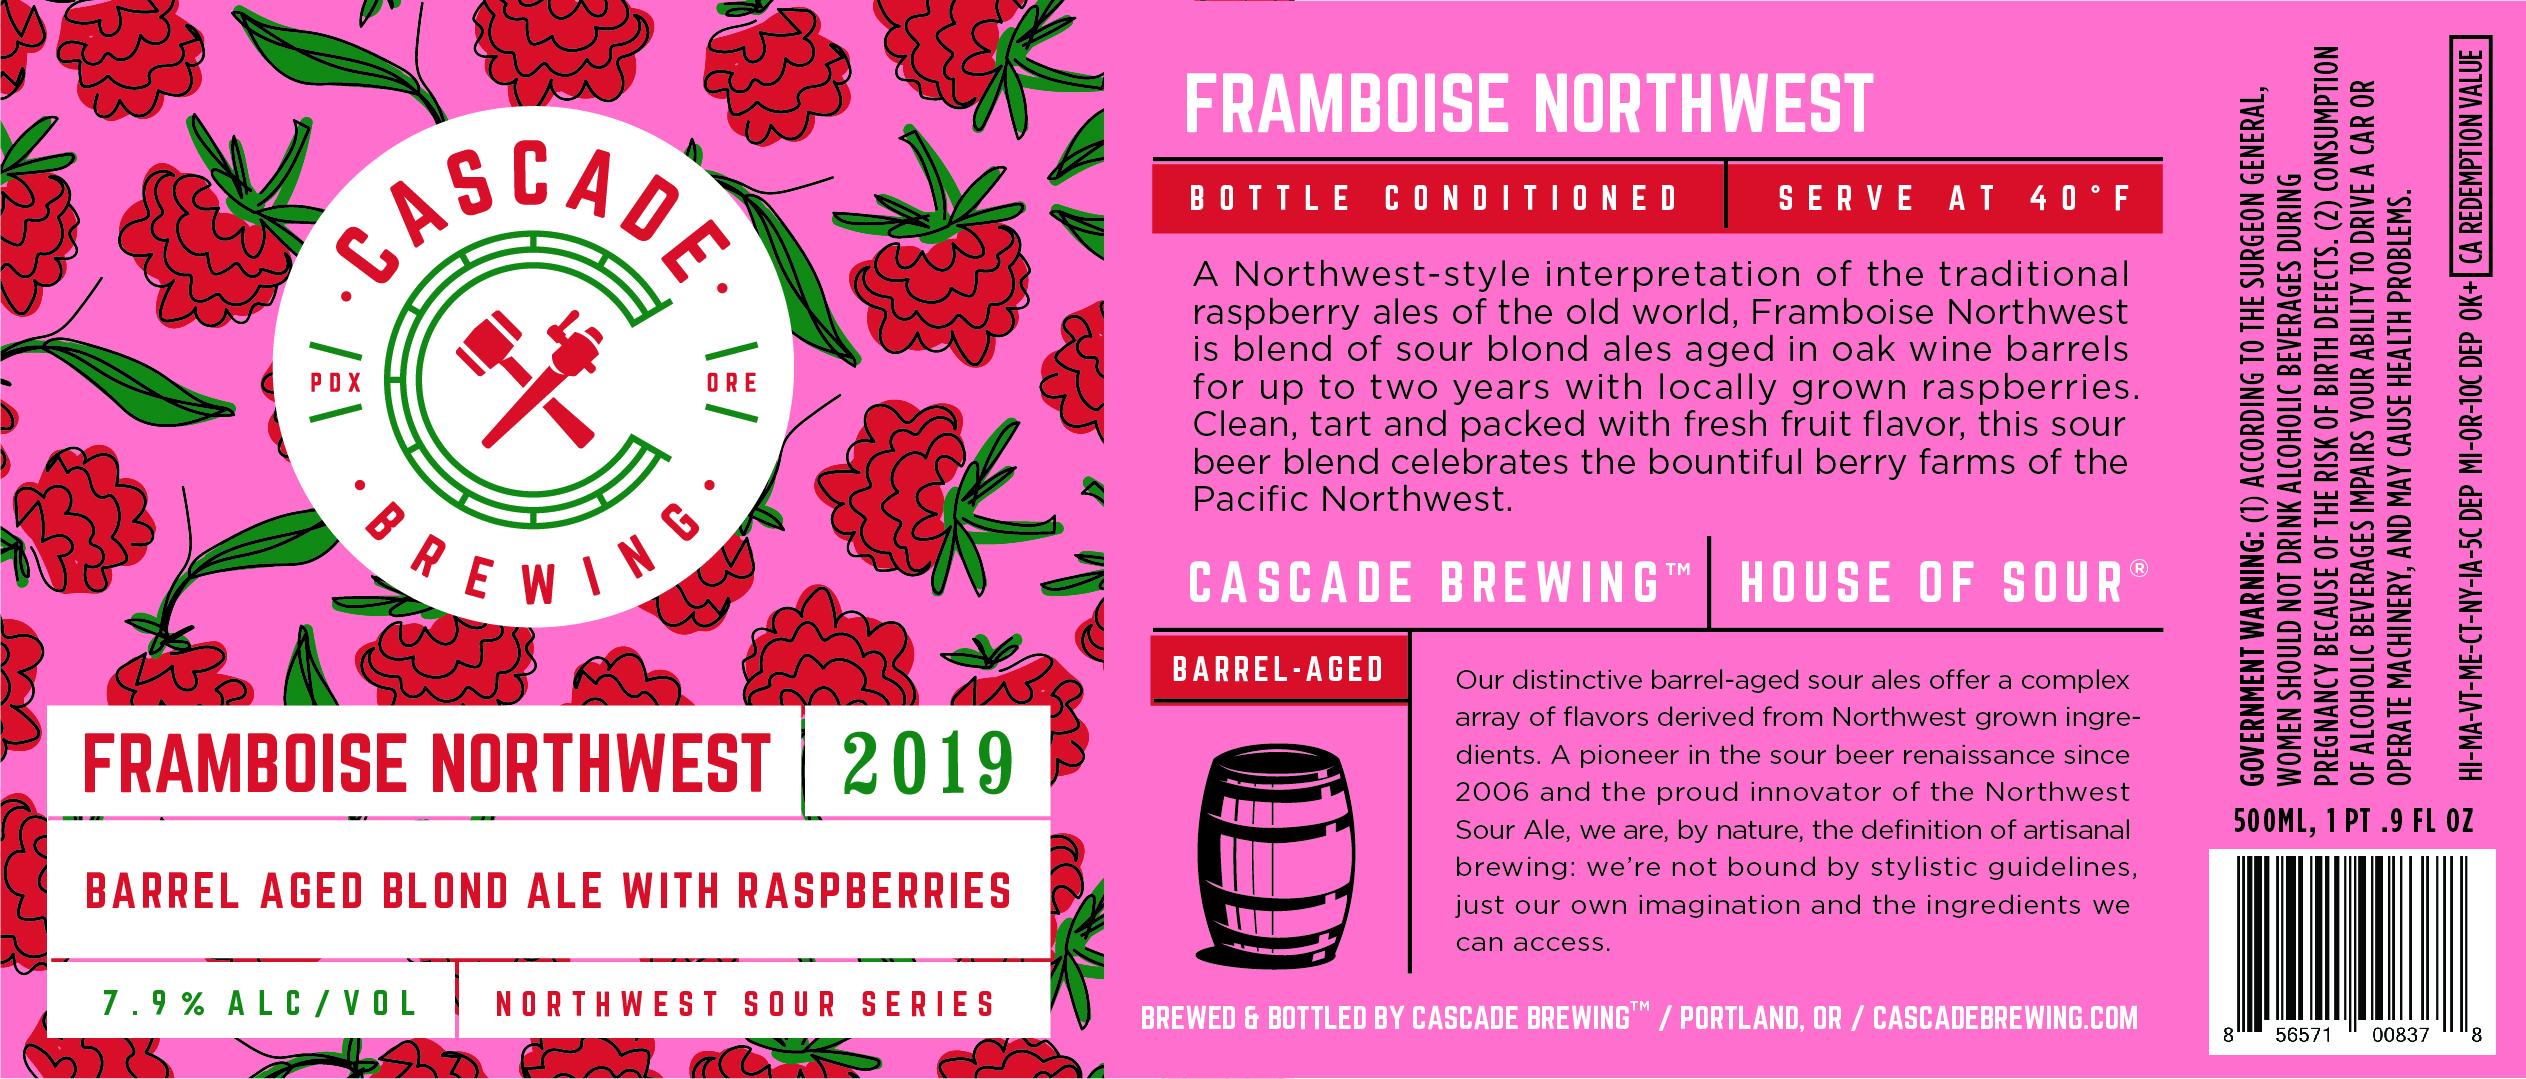 Framboise Northwest 2019